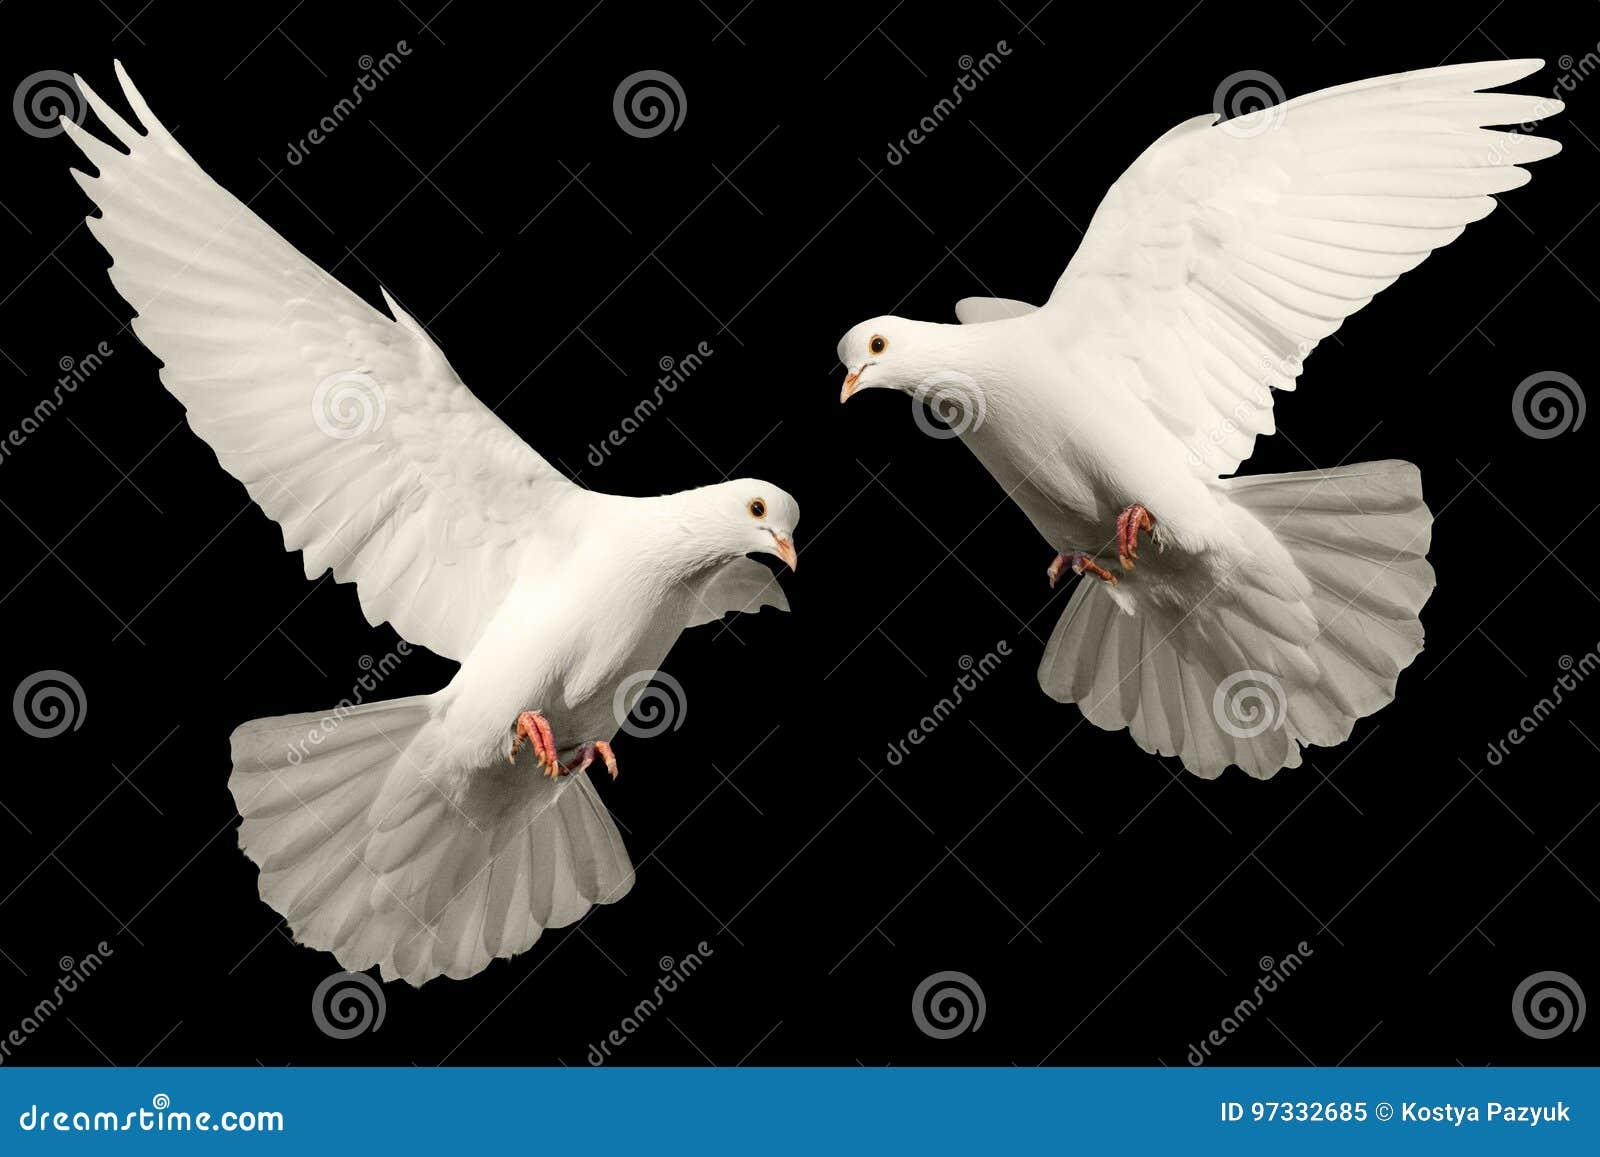 Белый голубь летает